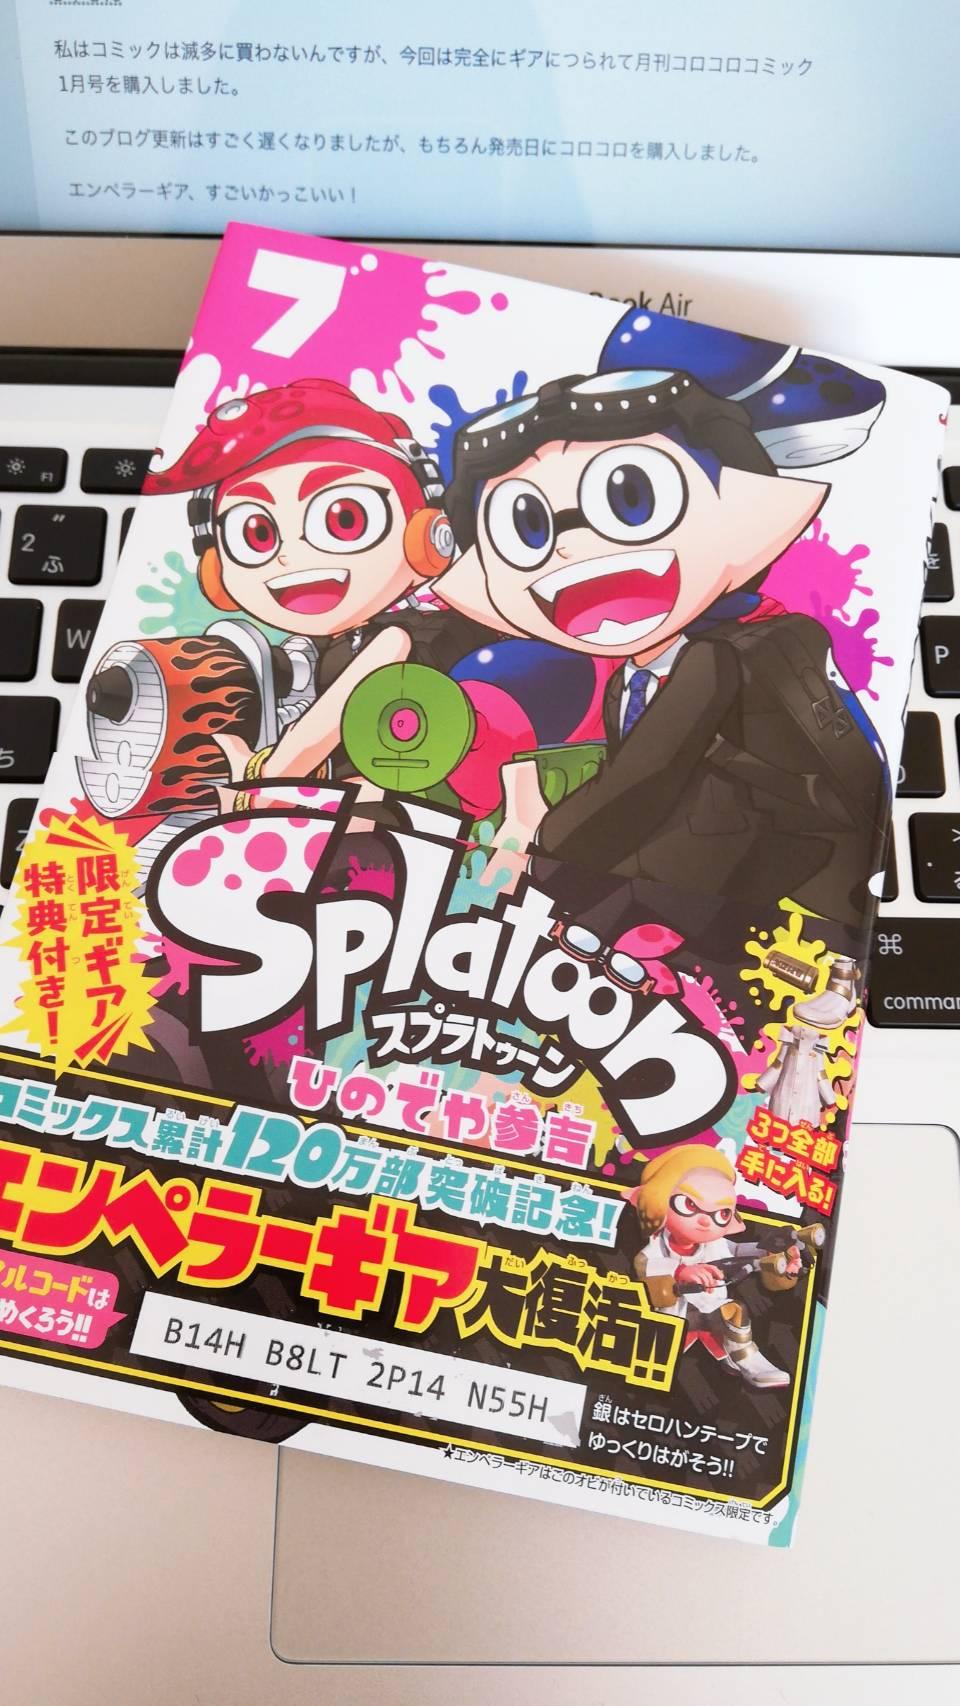 【漫画スプラトゥーン7】ひのでや参吉、スプラのエンペラーギアをゲットした!